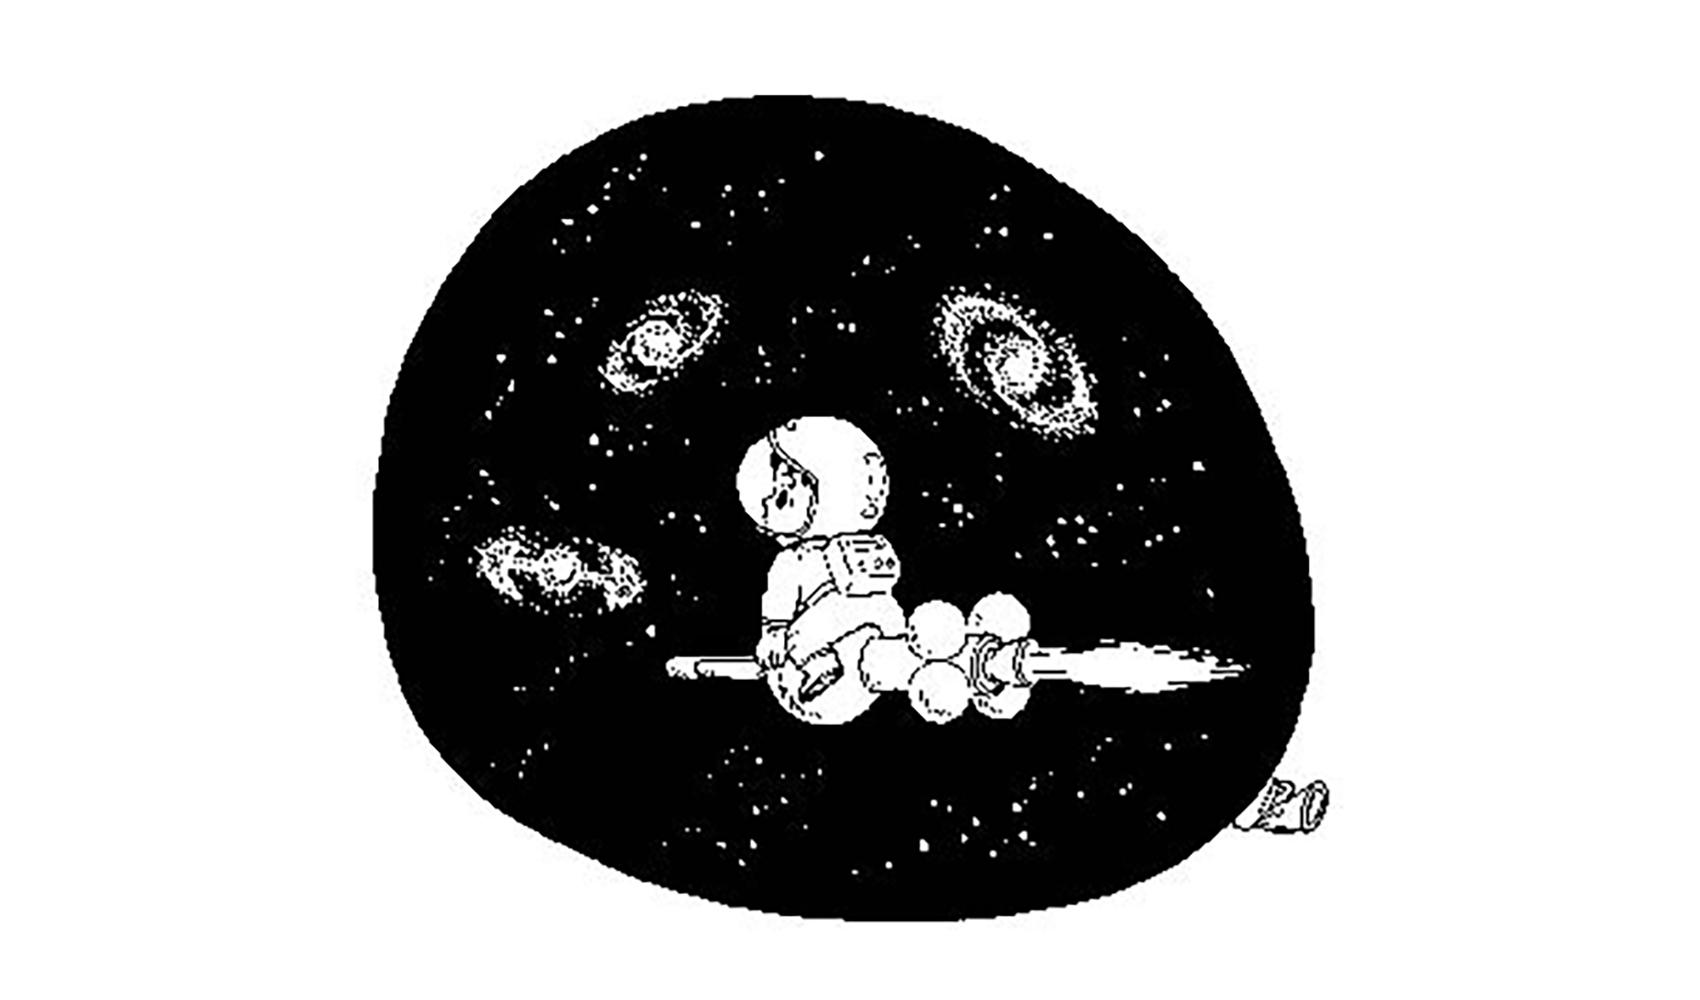 宇宙はどれくらい広いの、どんな形をしているの